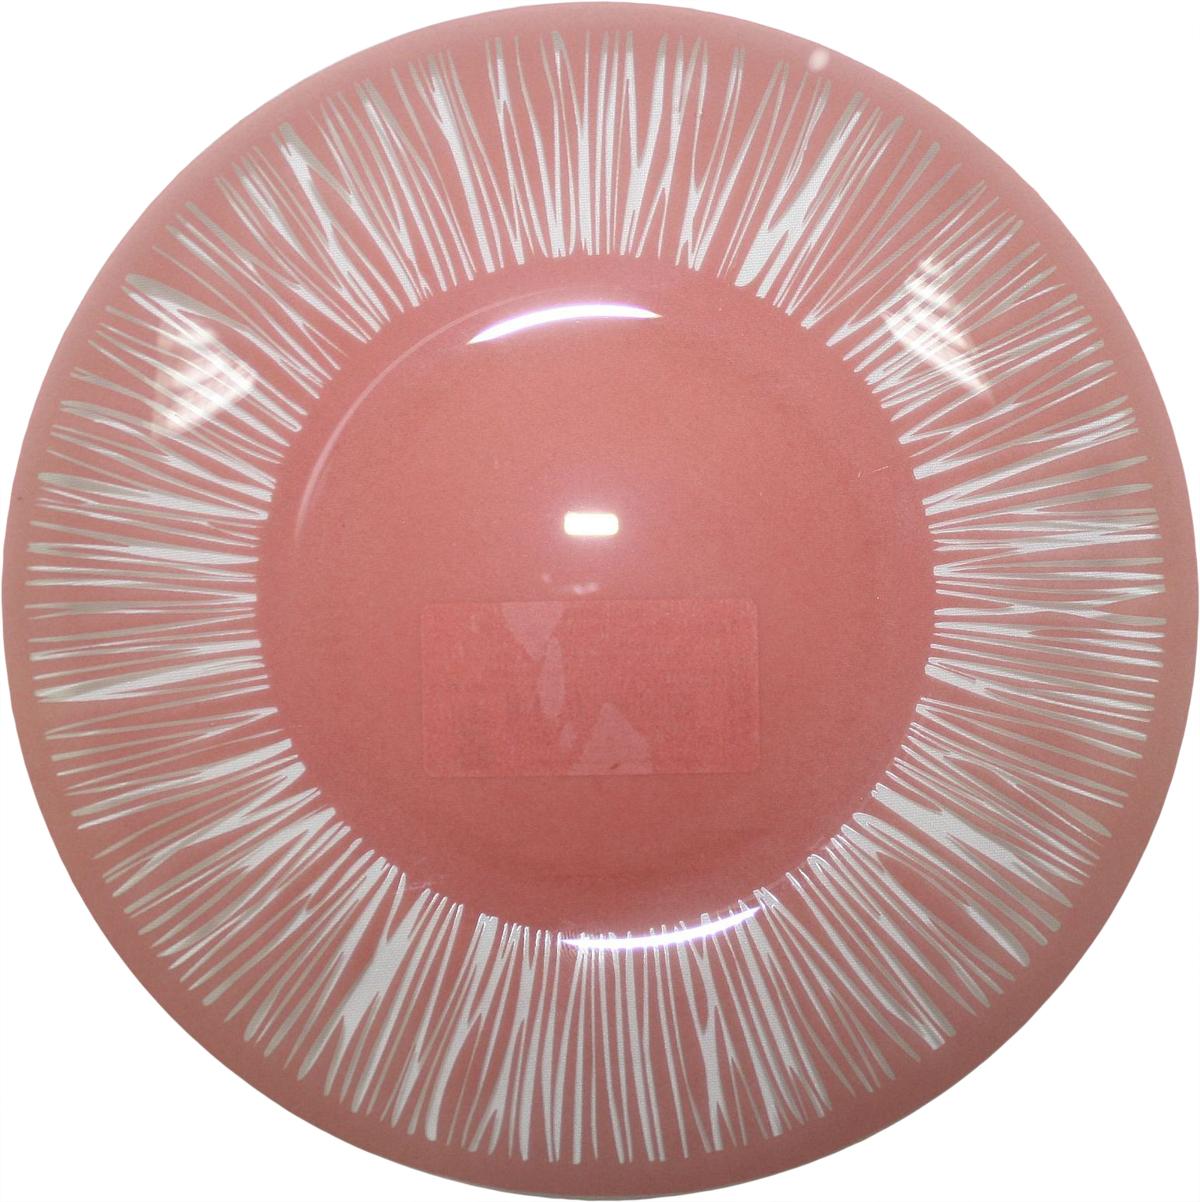 """Тарелка NiNaGlass """"Витас"""" изготовлена из высококачественного стекла. Изделие декорировано оригинальным дизайном. Такая тарелка отлично подойдет в качестве блюда, она идеальна для сервировки закусок, нарезок, горячих блюд. Тарелка прекрасно дополнит сервировку стола и порадует вас оригинальным дизайном."""